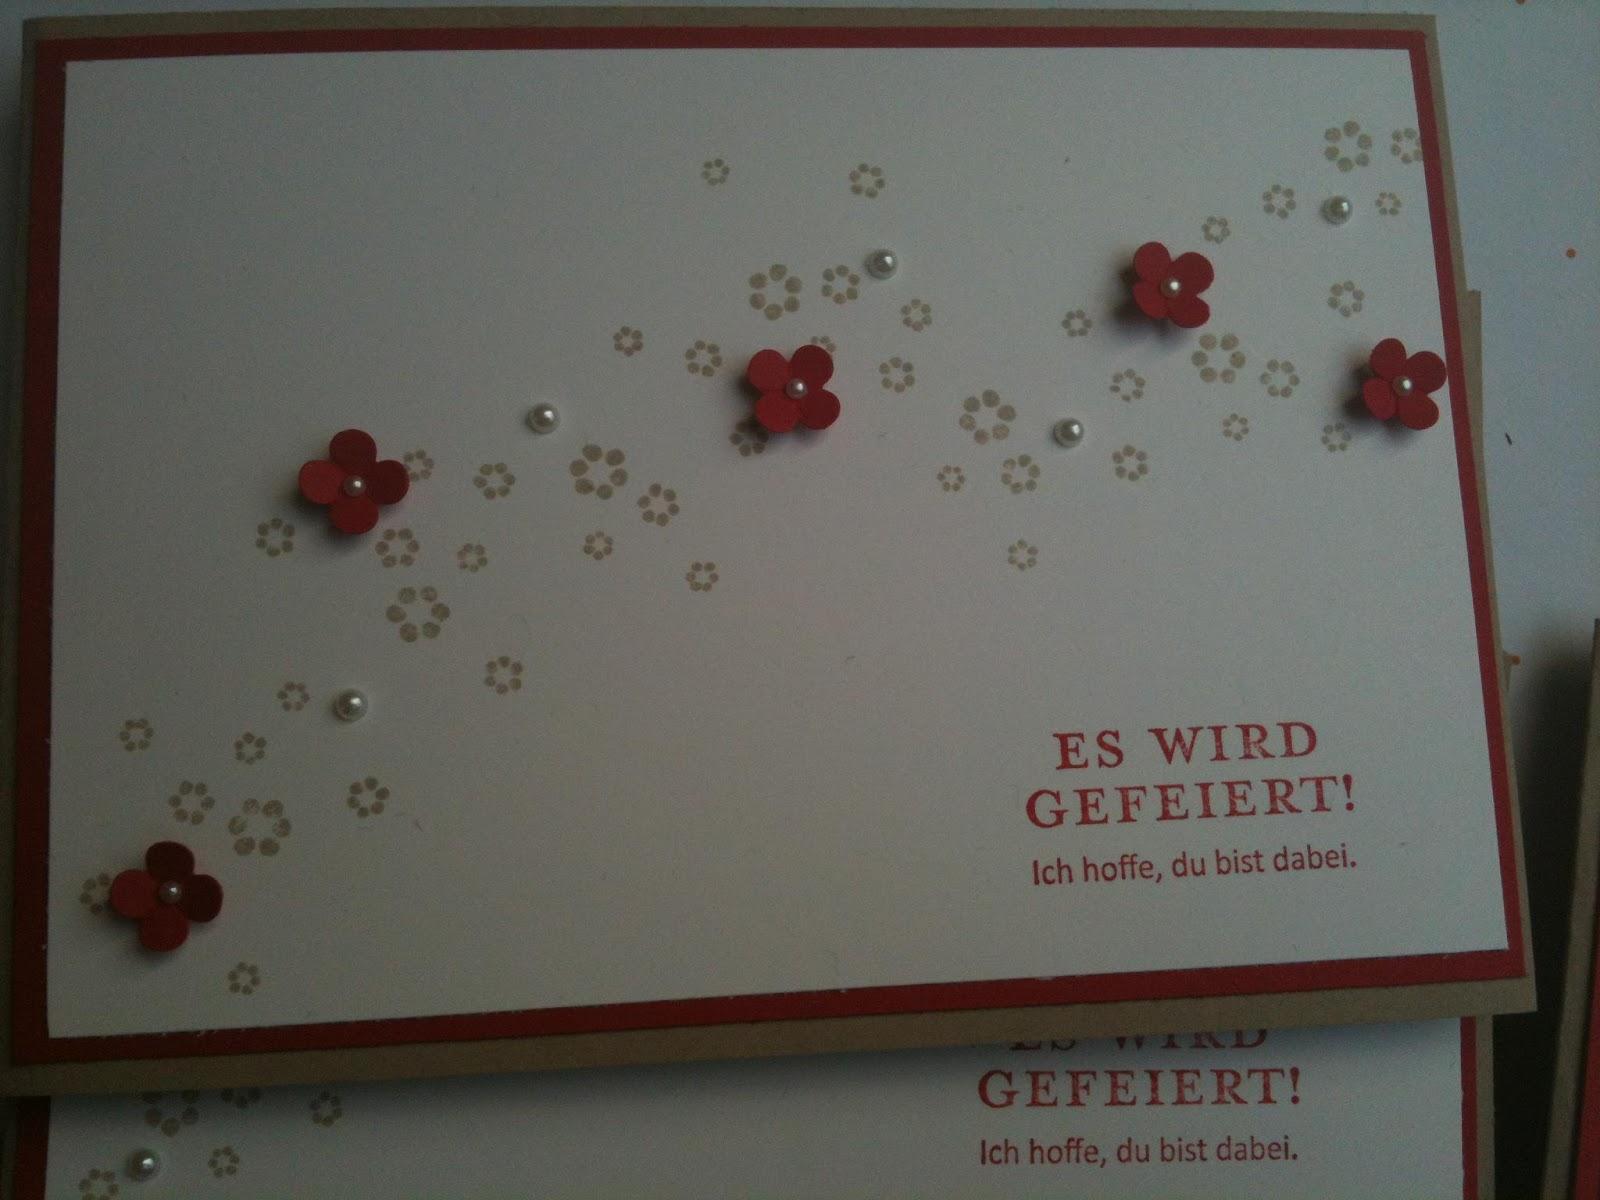 Einladungskarten Selbst Gestalten So Einfach Geht S: Corinne's Bastelblog: Einladungskarten Zum 60. Geburtstag